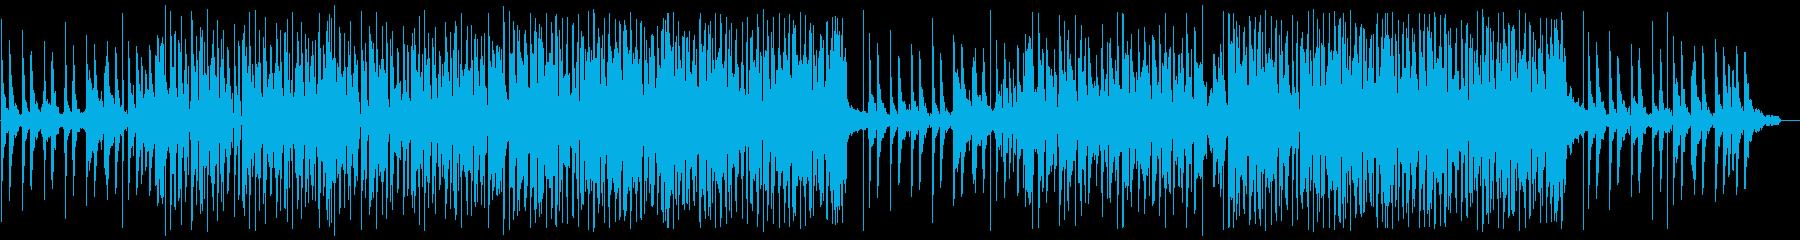 メロウで物憂げなピアノ、チルホップの再生済みの波形